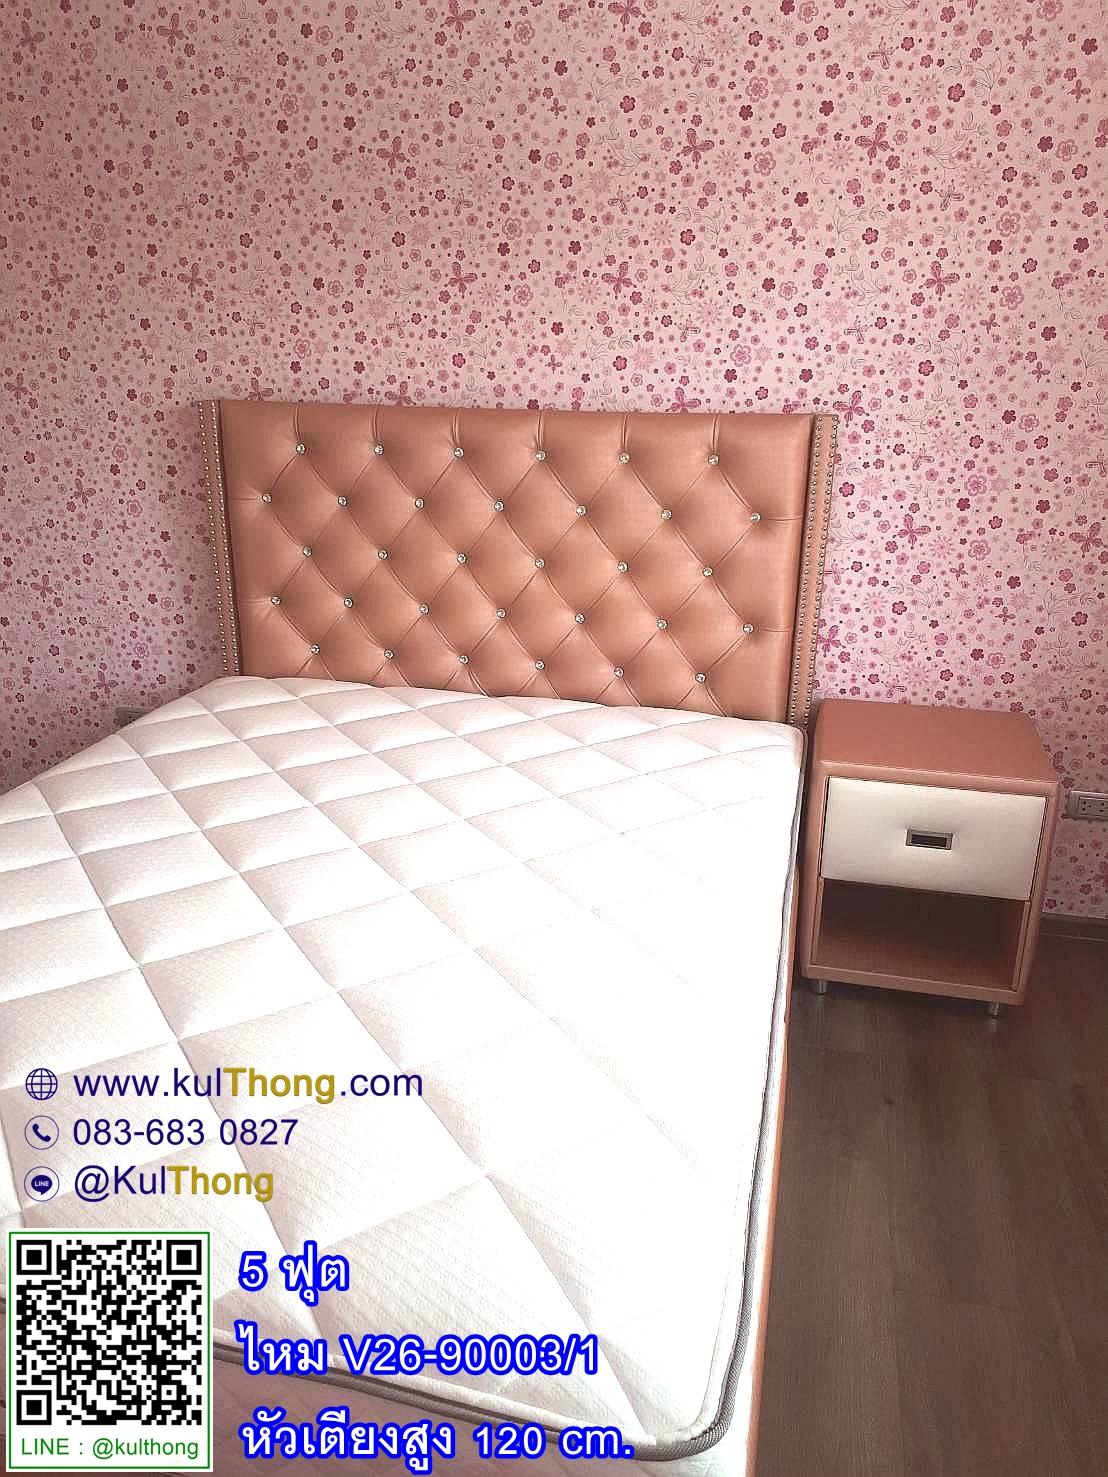 เตียงหุ้มหนัง เตียงดึงกระดุม เตียงลิ้นชักหุ้มหนัง เตียงเจ้าหญิง